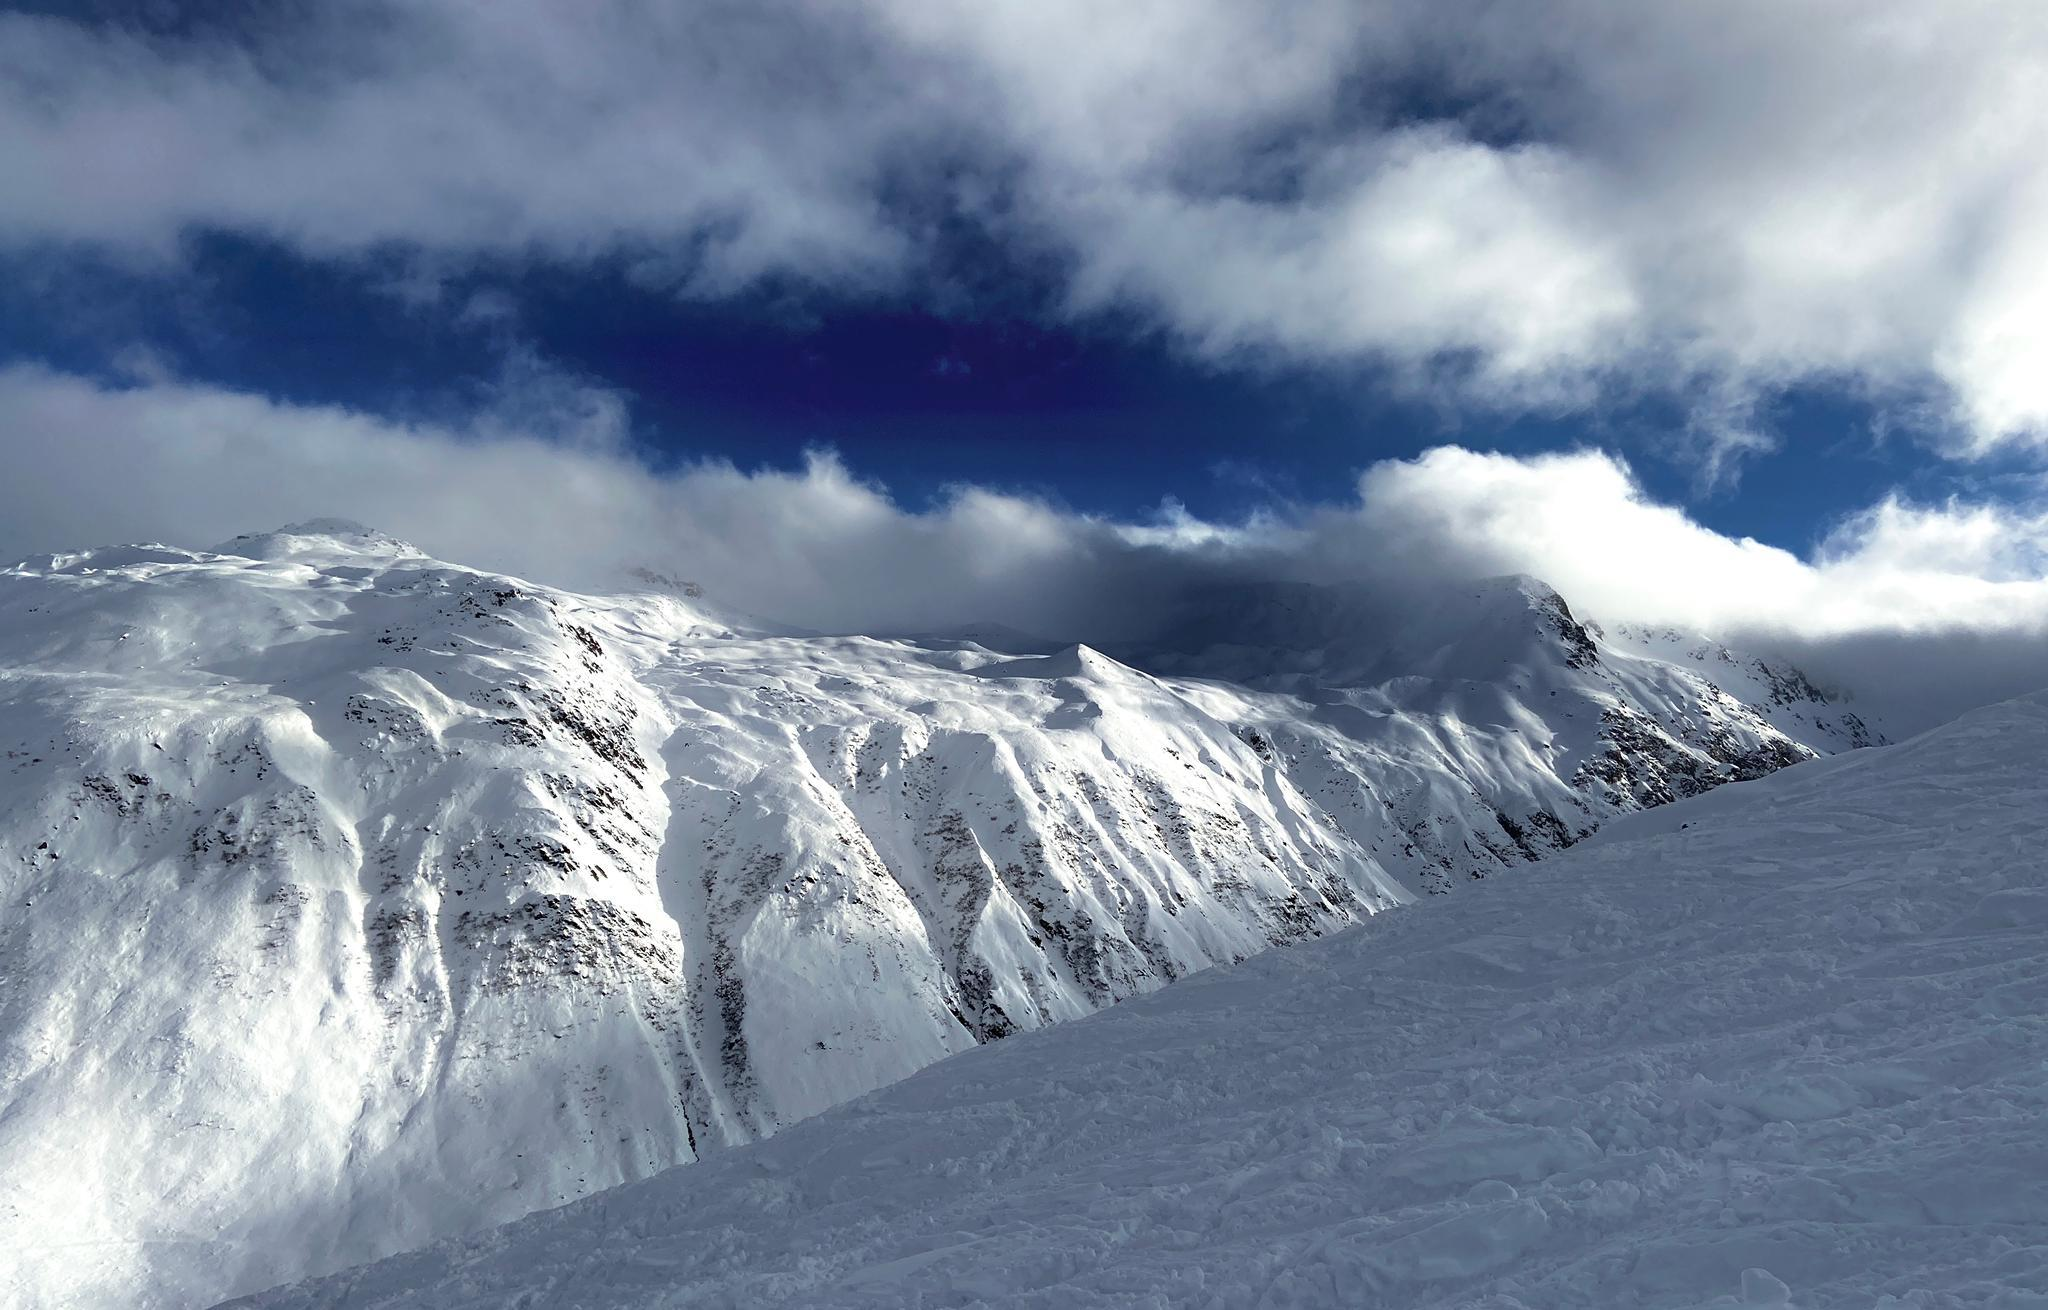 Skibekleidung Testbericht: Beste Skijacken Test von Top-Marken im Vergleich. Unterteilt in beste Skijacke Damen und beste Skijacke Herren.